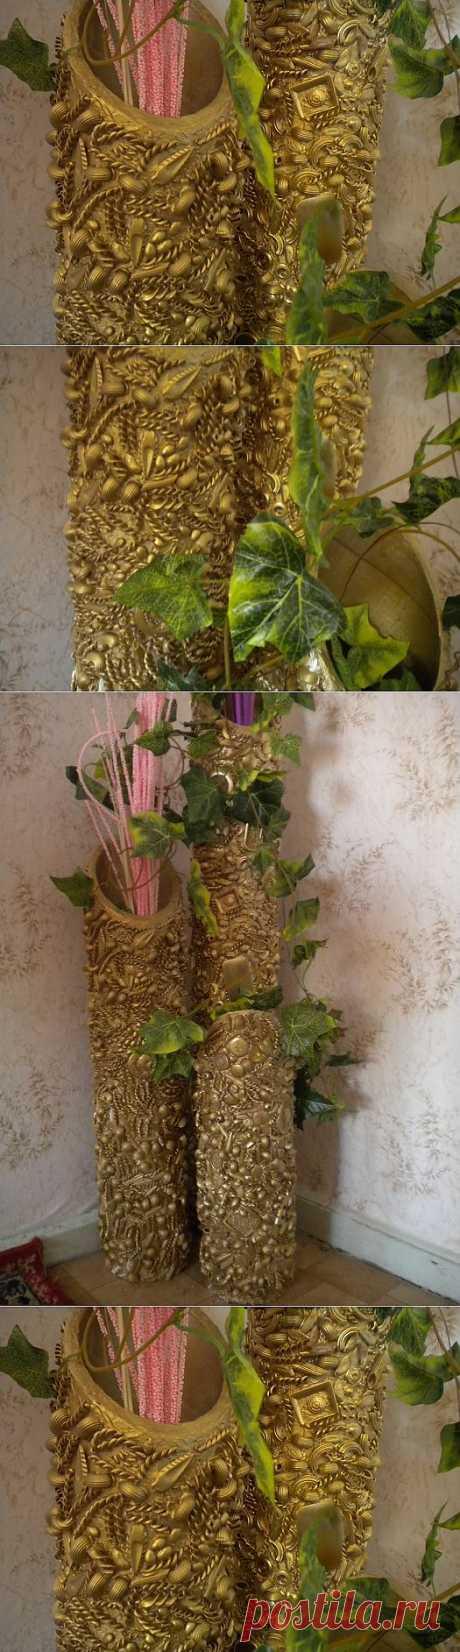 Идея изготовления напольных ваз.